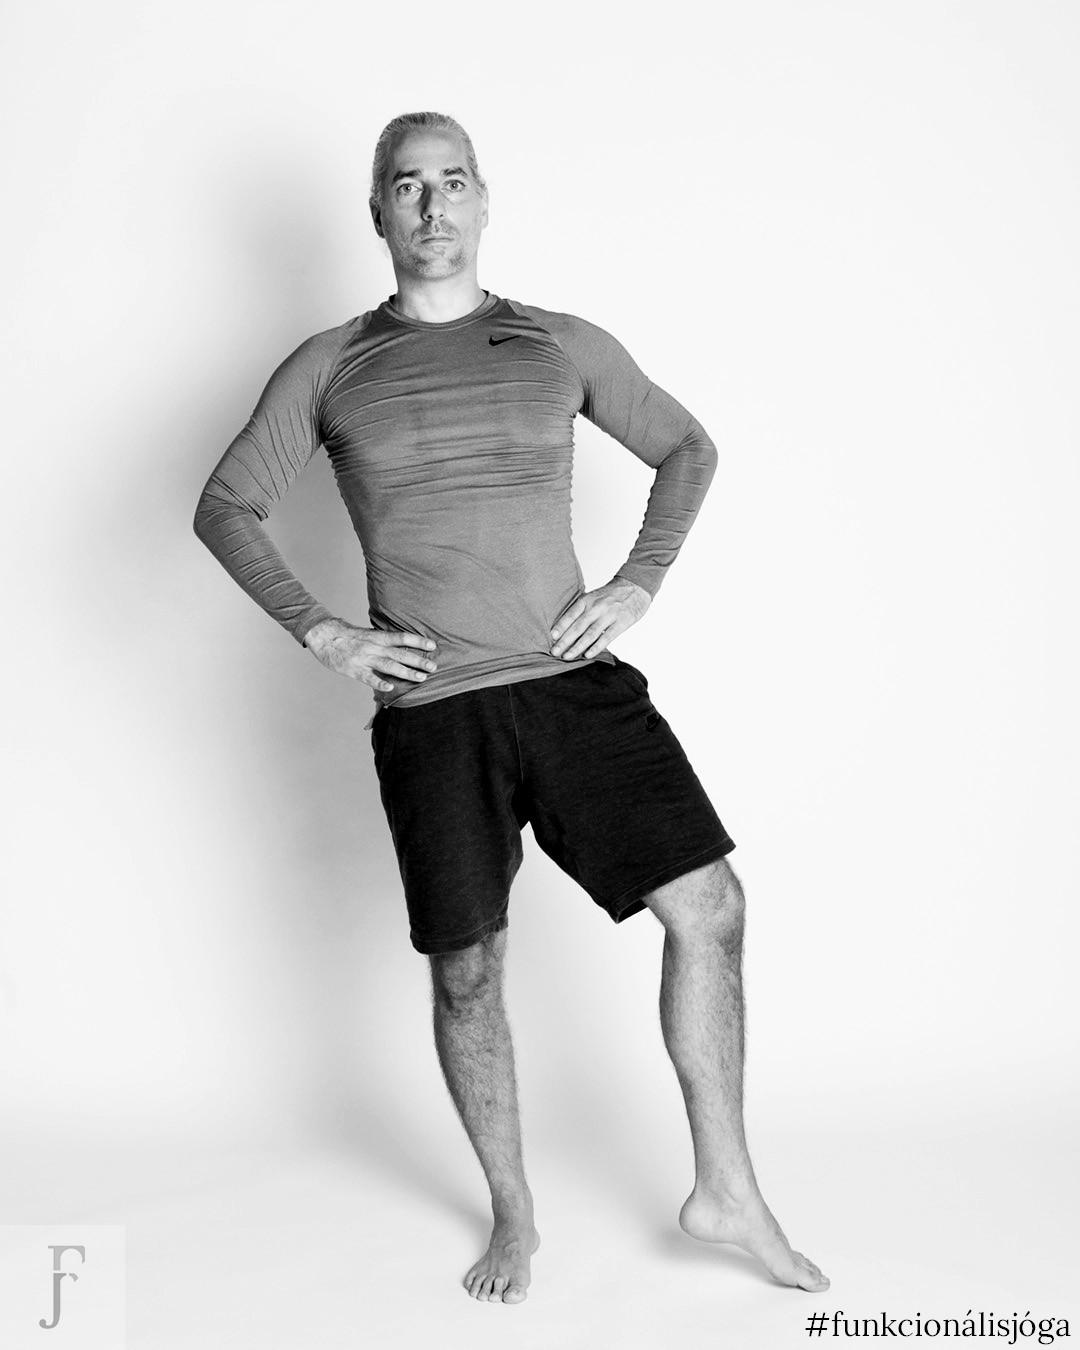 ízületi lábak tünetei és kezelése